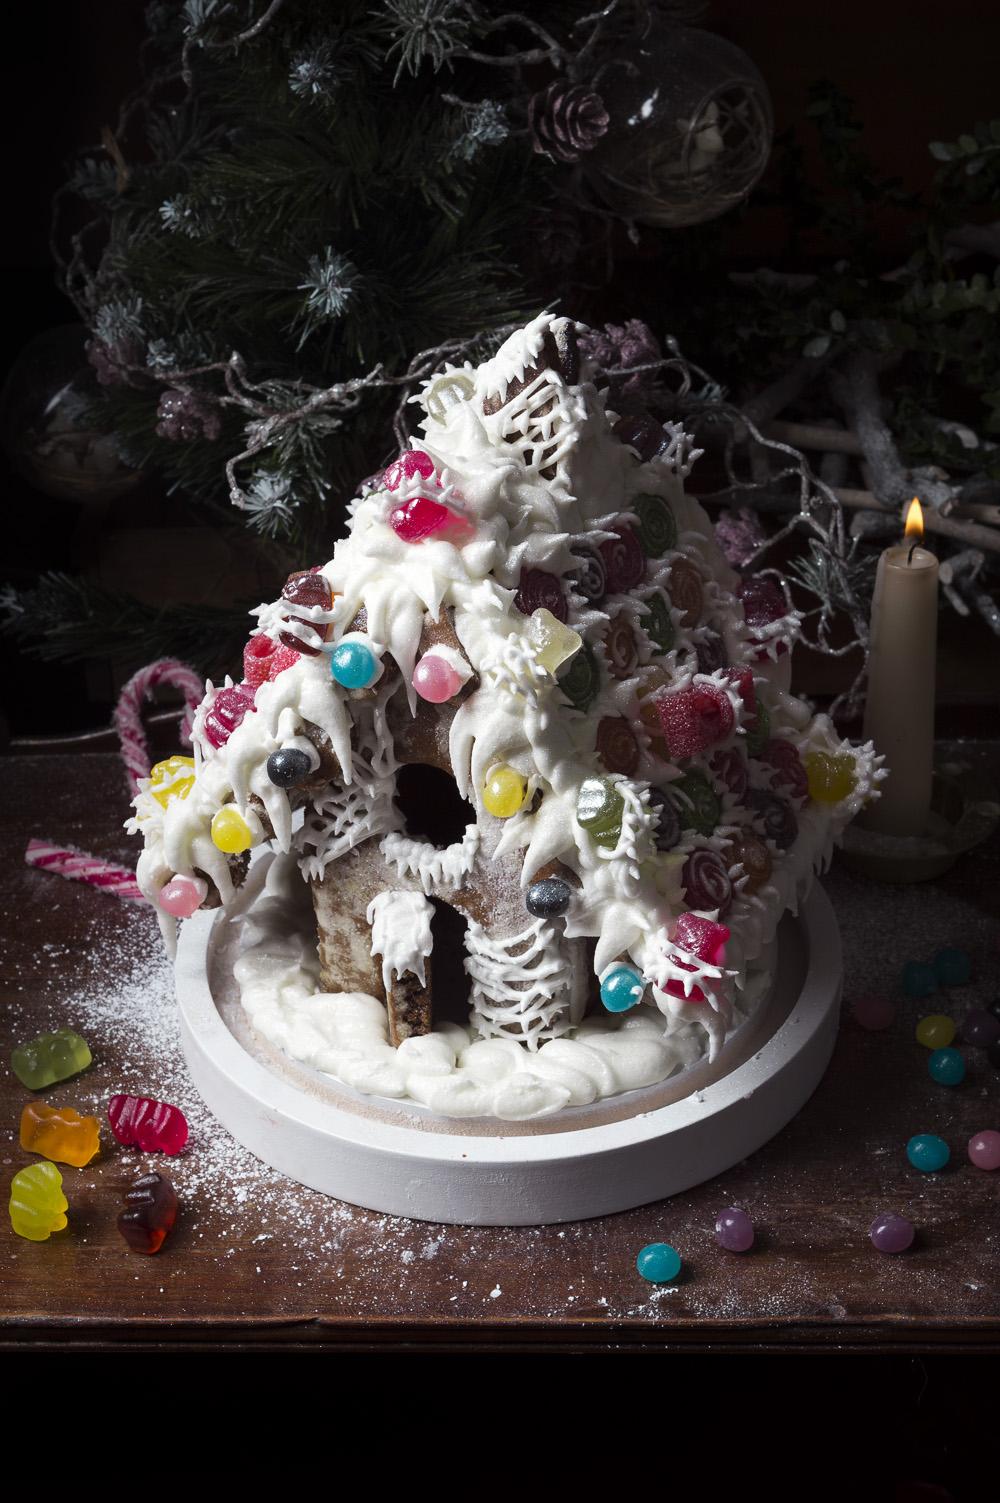 la-petite-maison-de-pain-depices-gingerbread-house-qui-a-vole-les-tartes-studio-de-creation